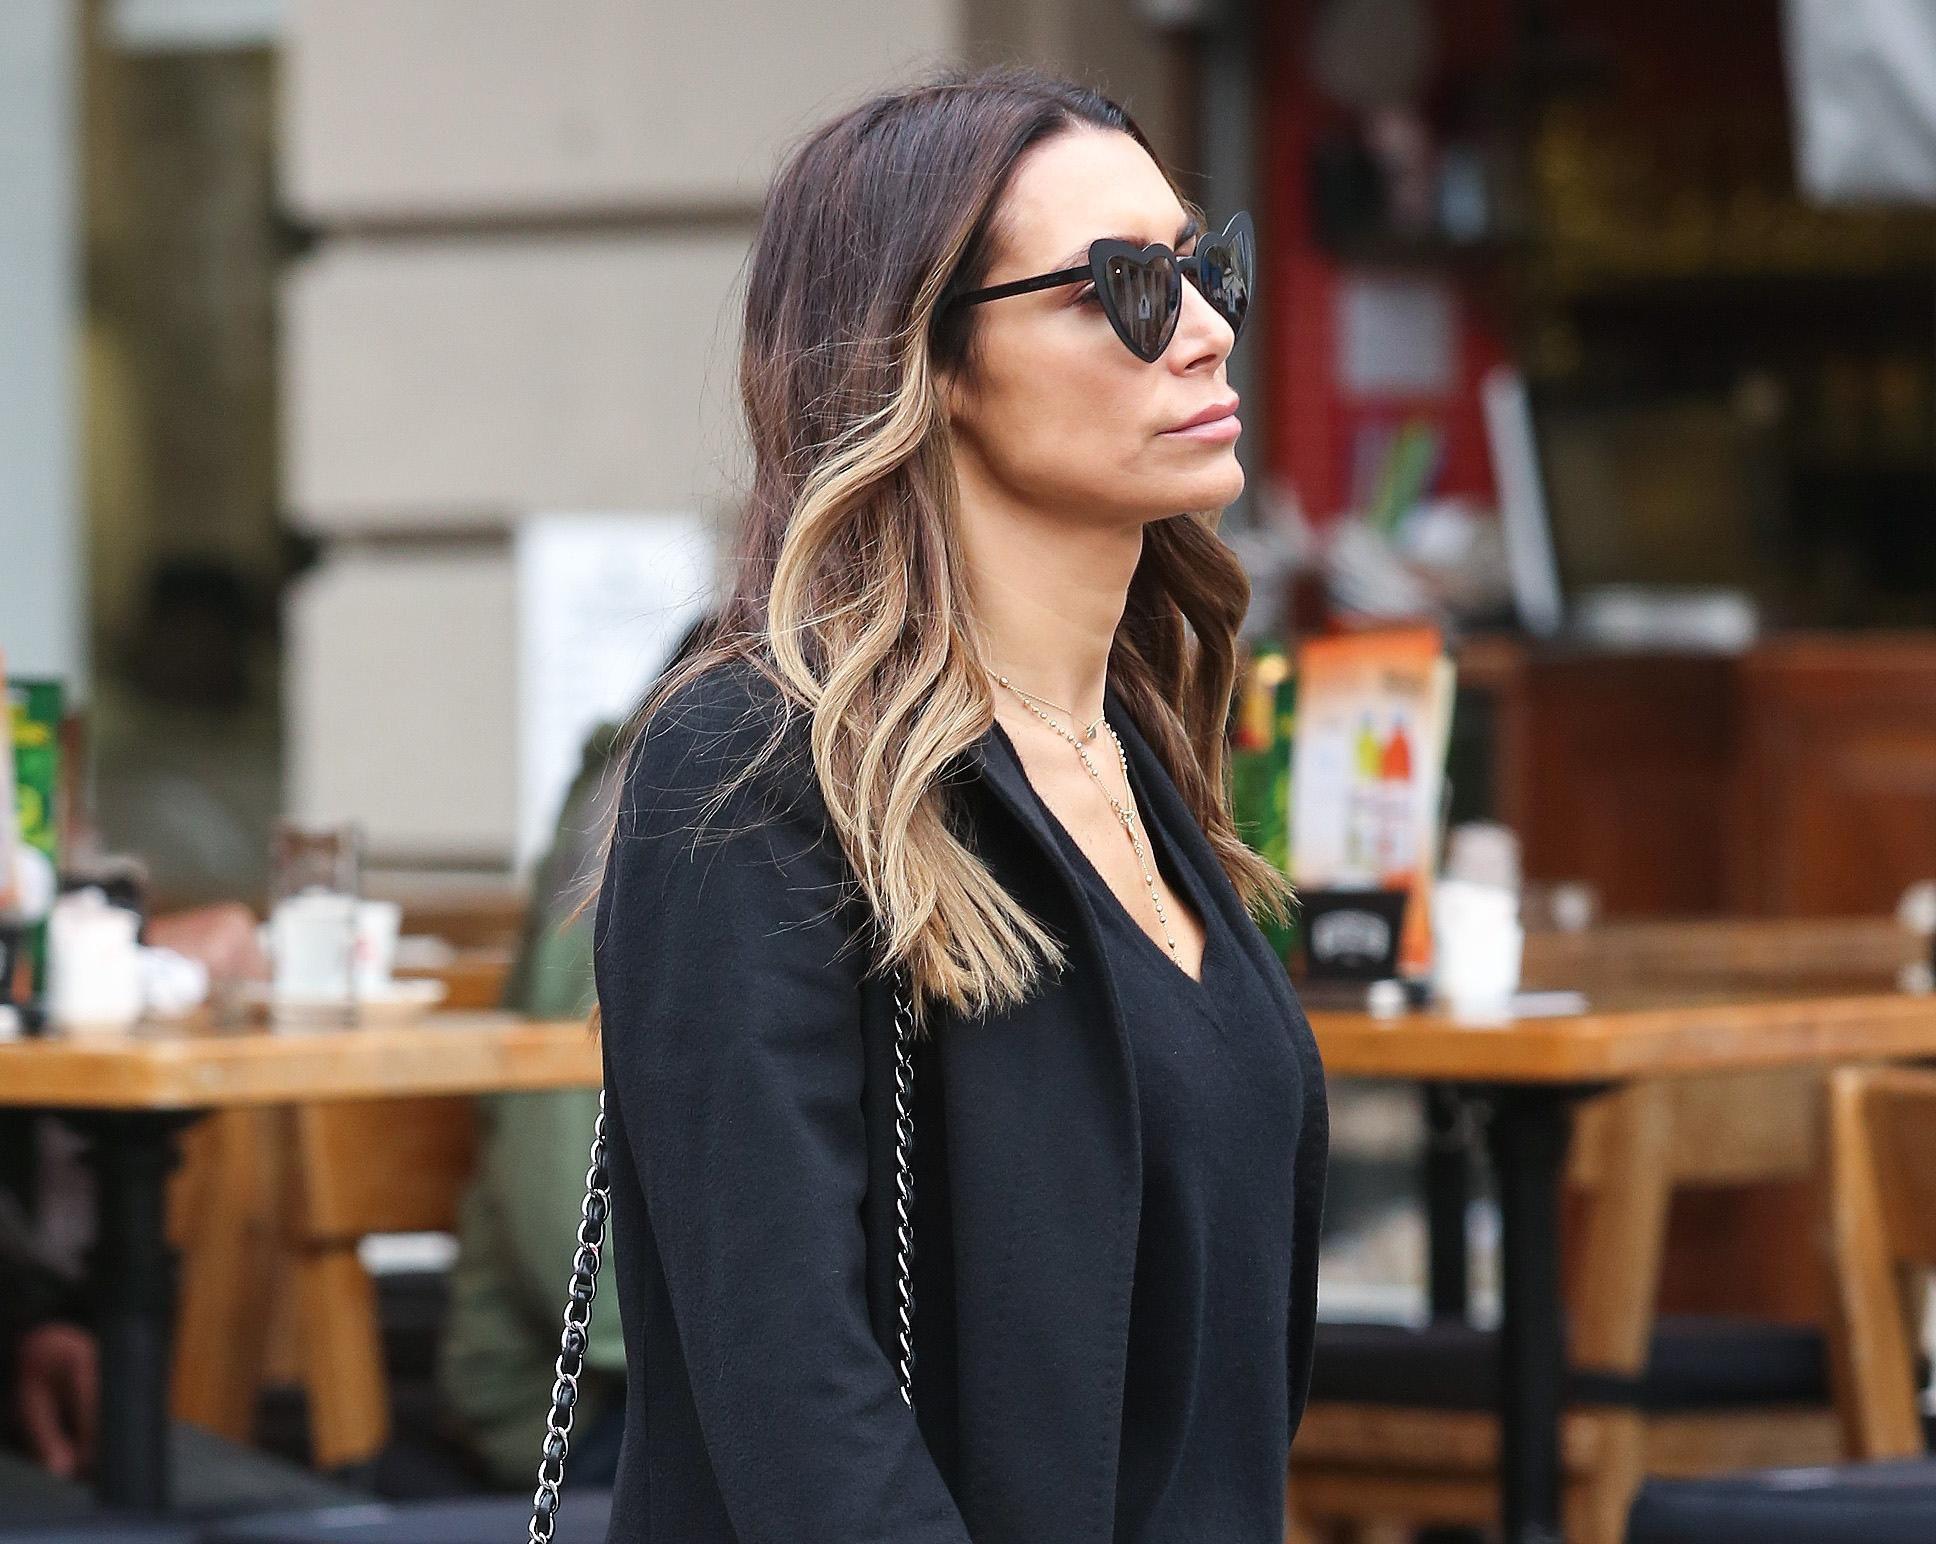 Aktraktivna dama isfurala torbicu koja se nalazi na listama želja brojnih trendseterica